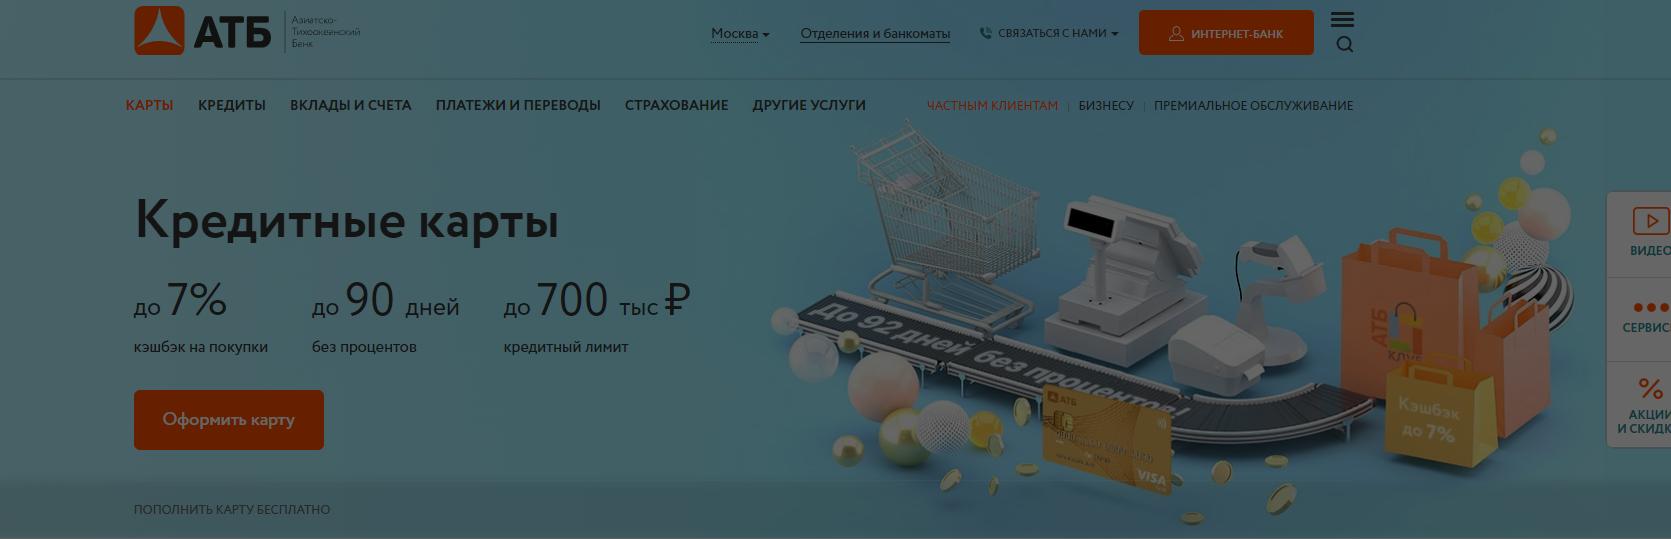 kreditnaya-karta-atb_